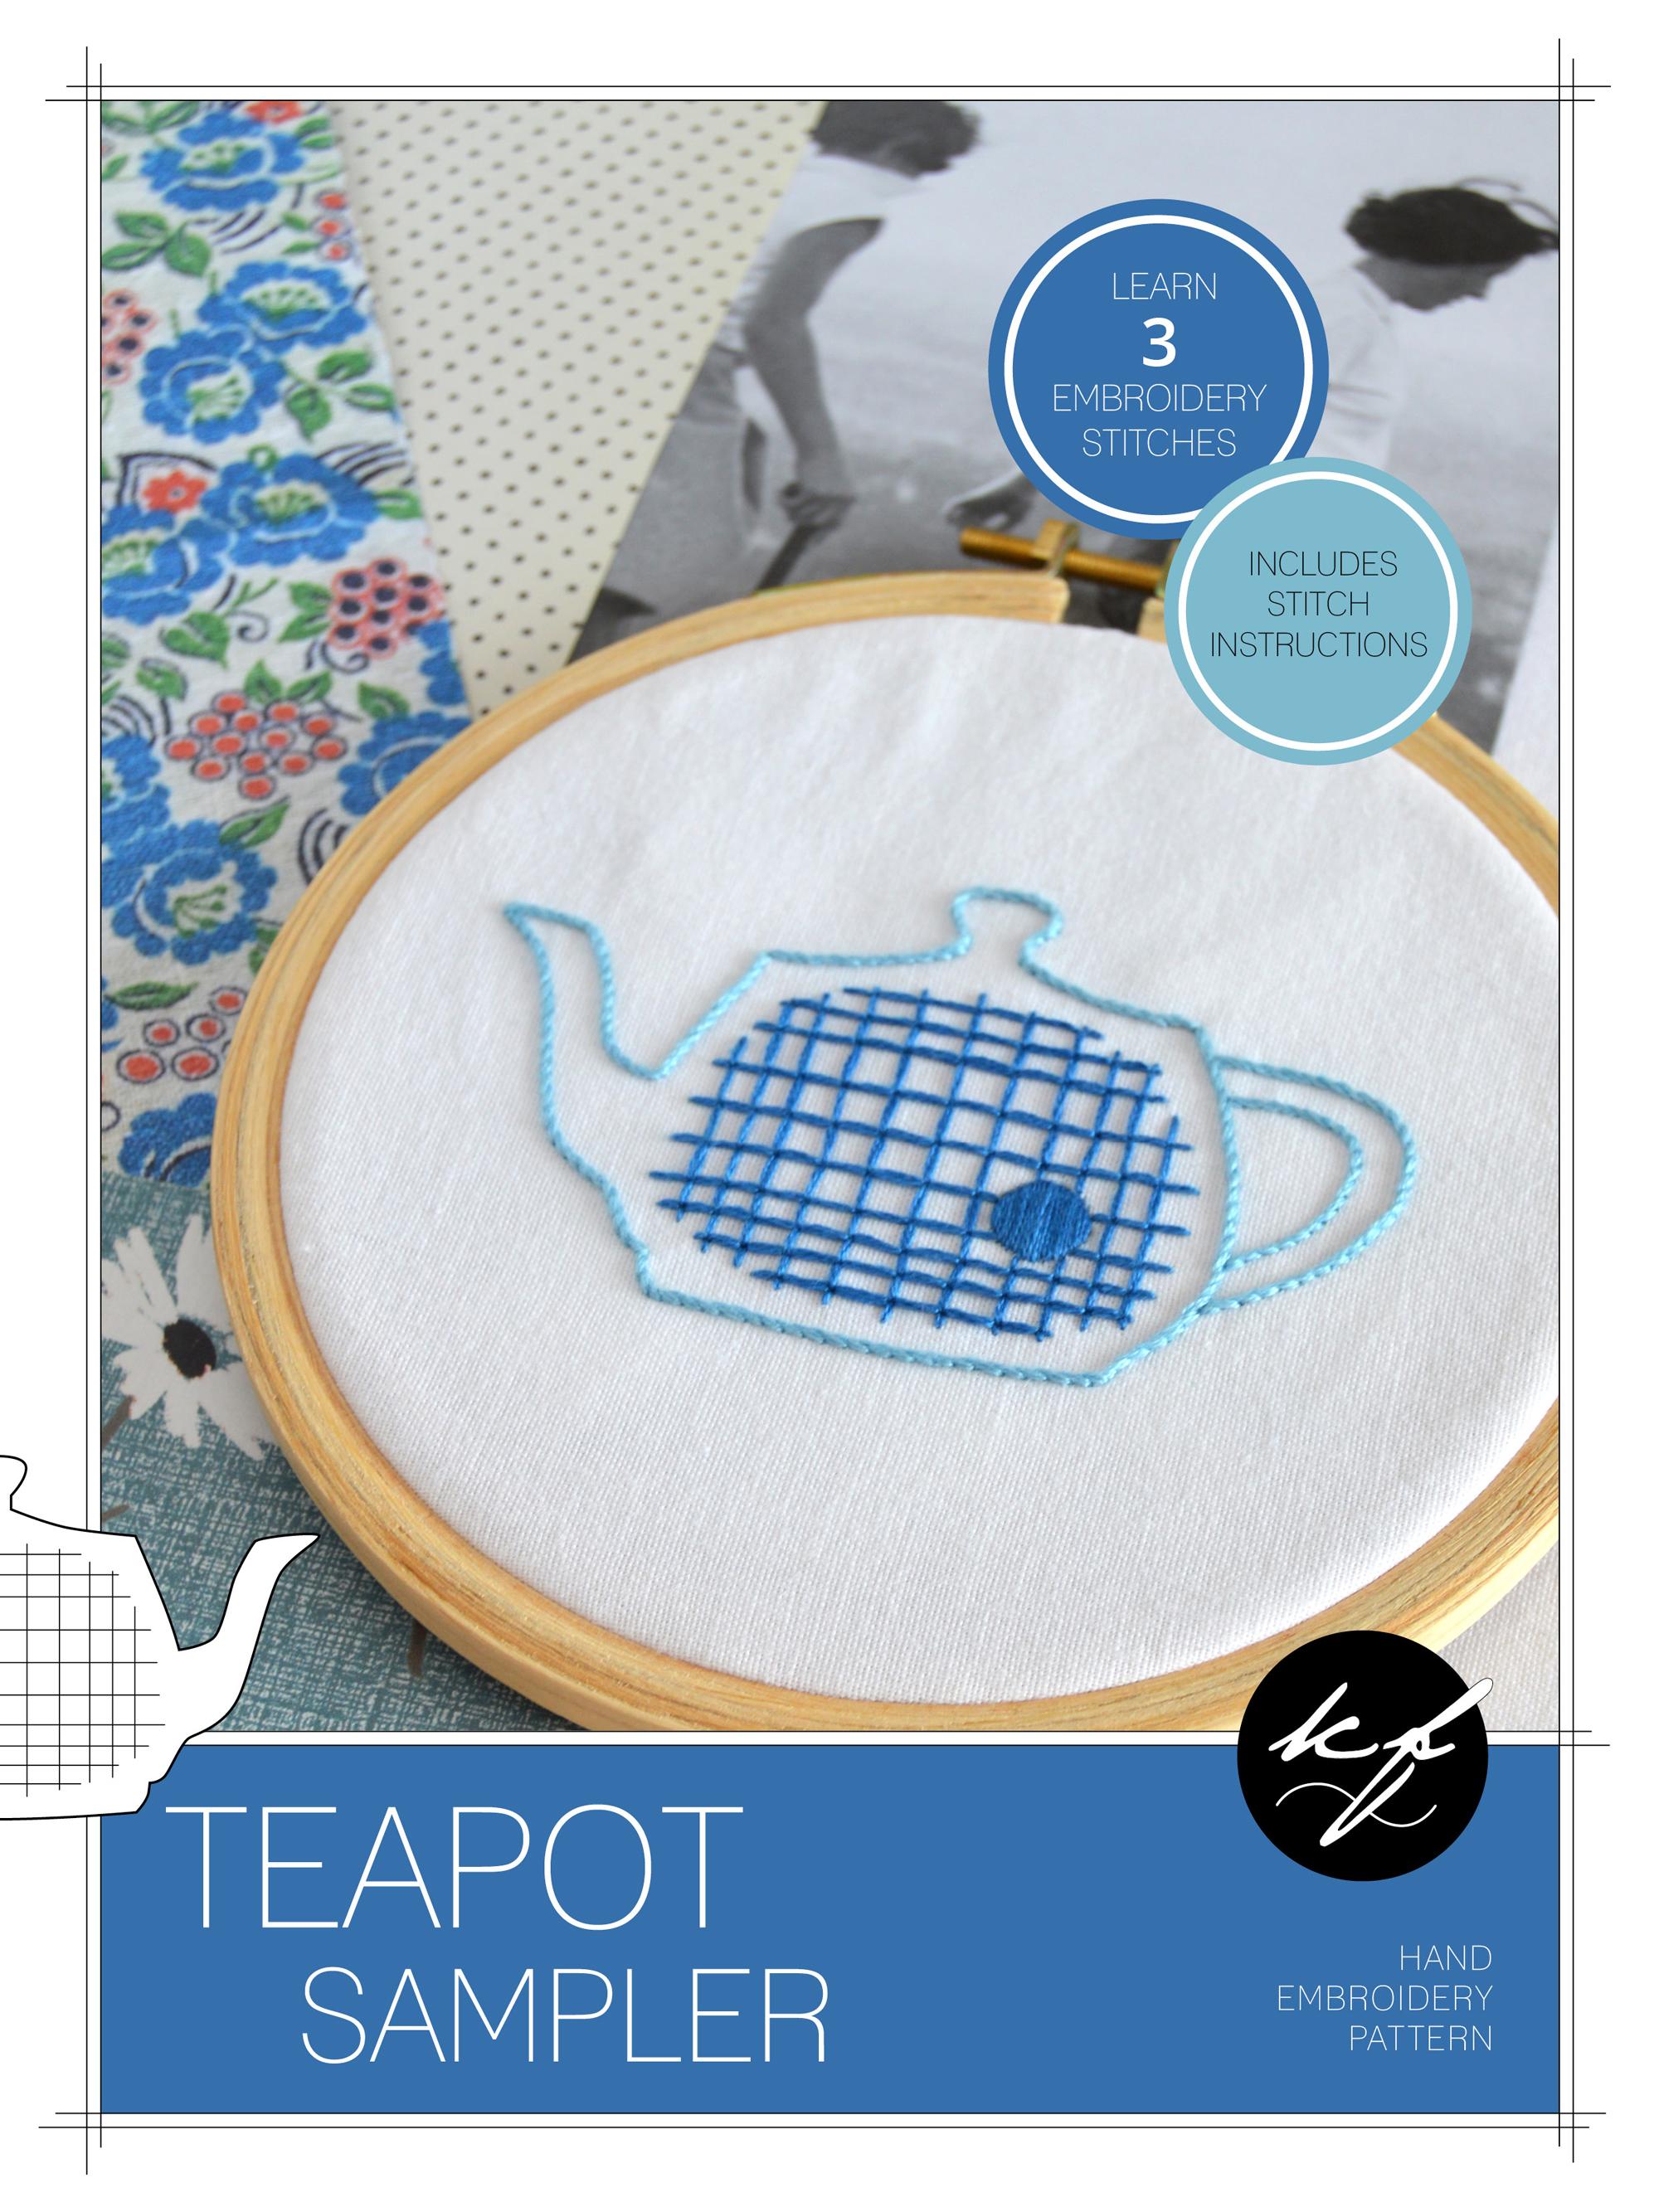 TeapotSamplerEmbroideryPattern_KellyFletcher.jpg